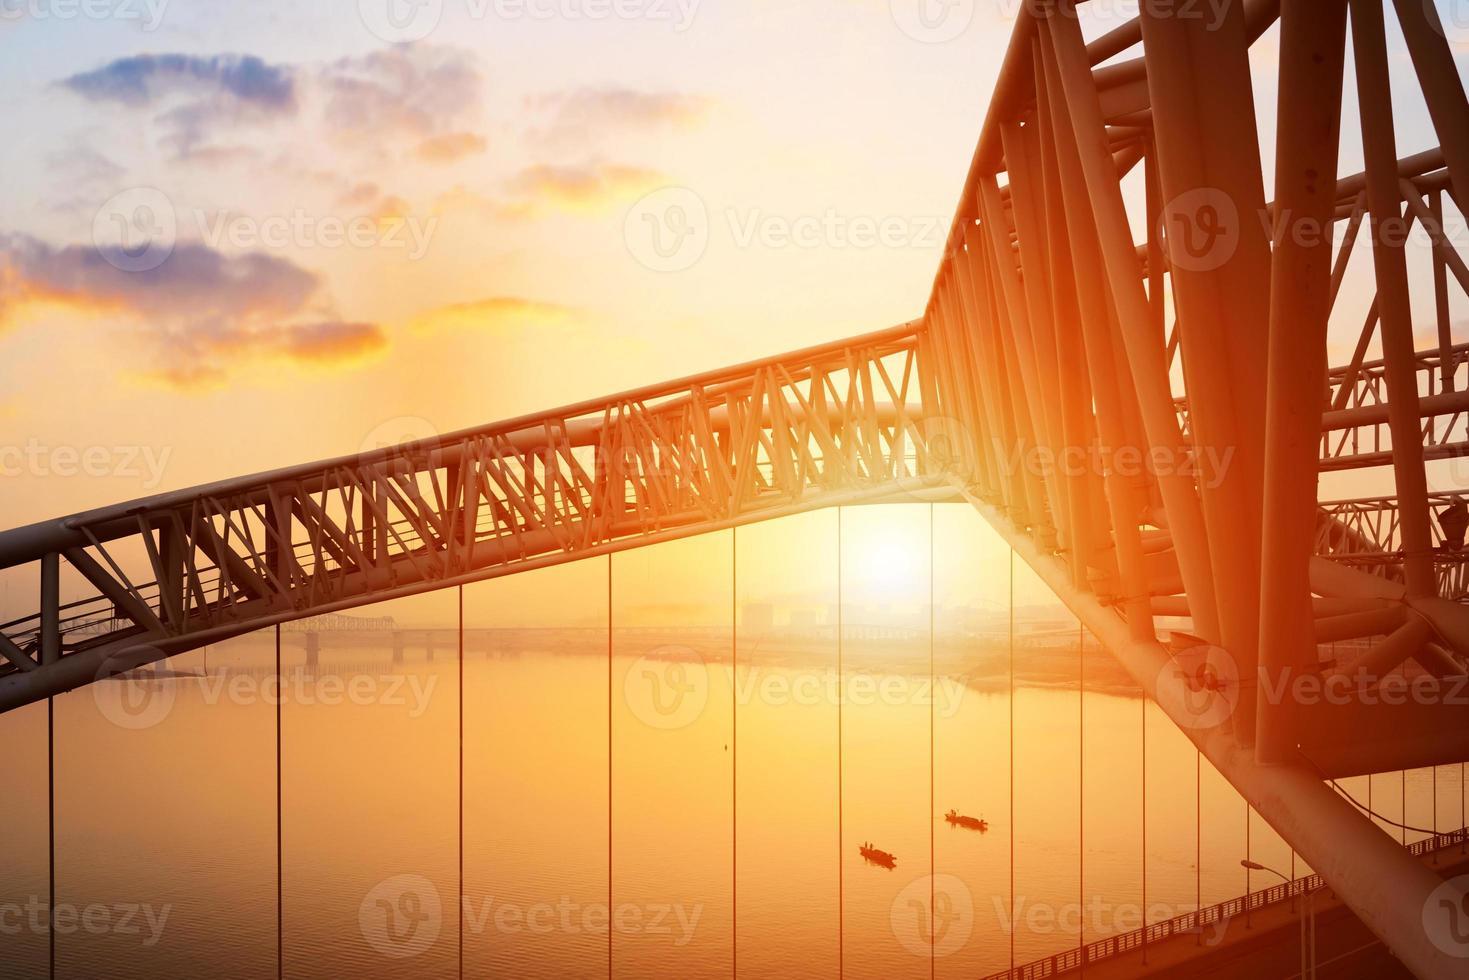 pont avec fond de ciel bleu d'une ville photo